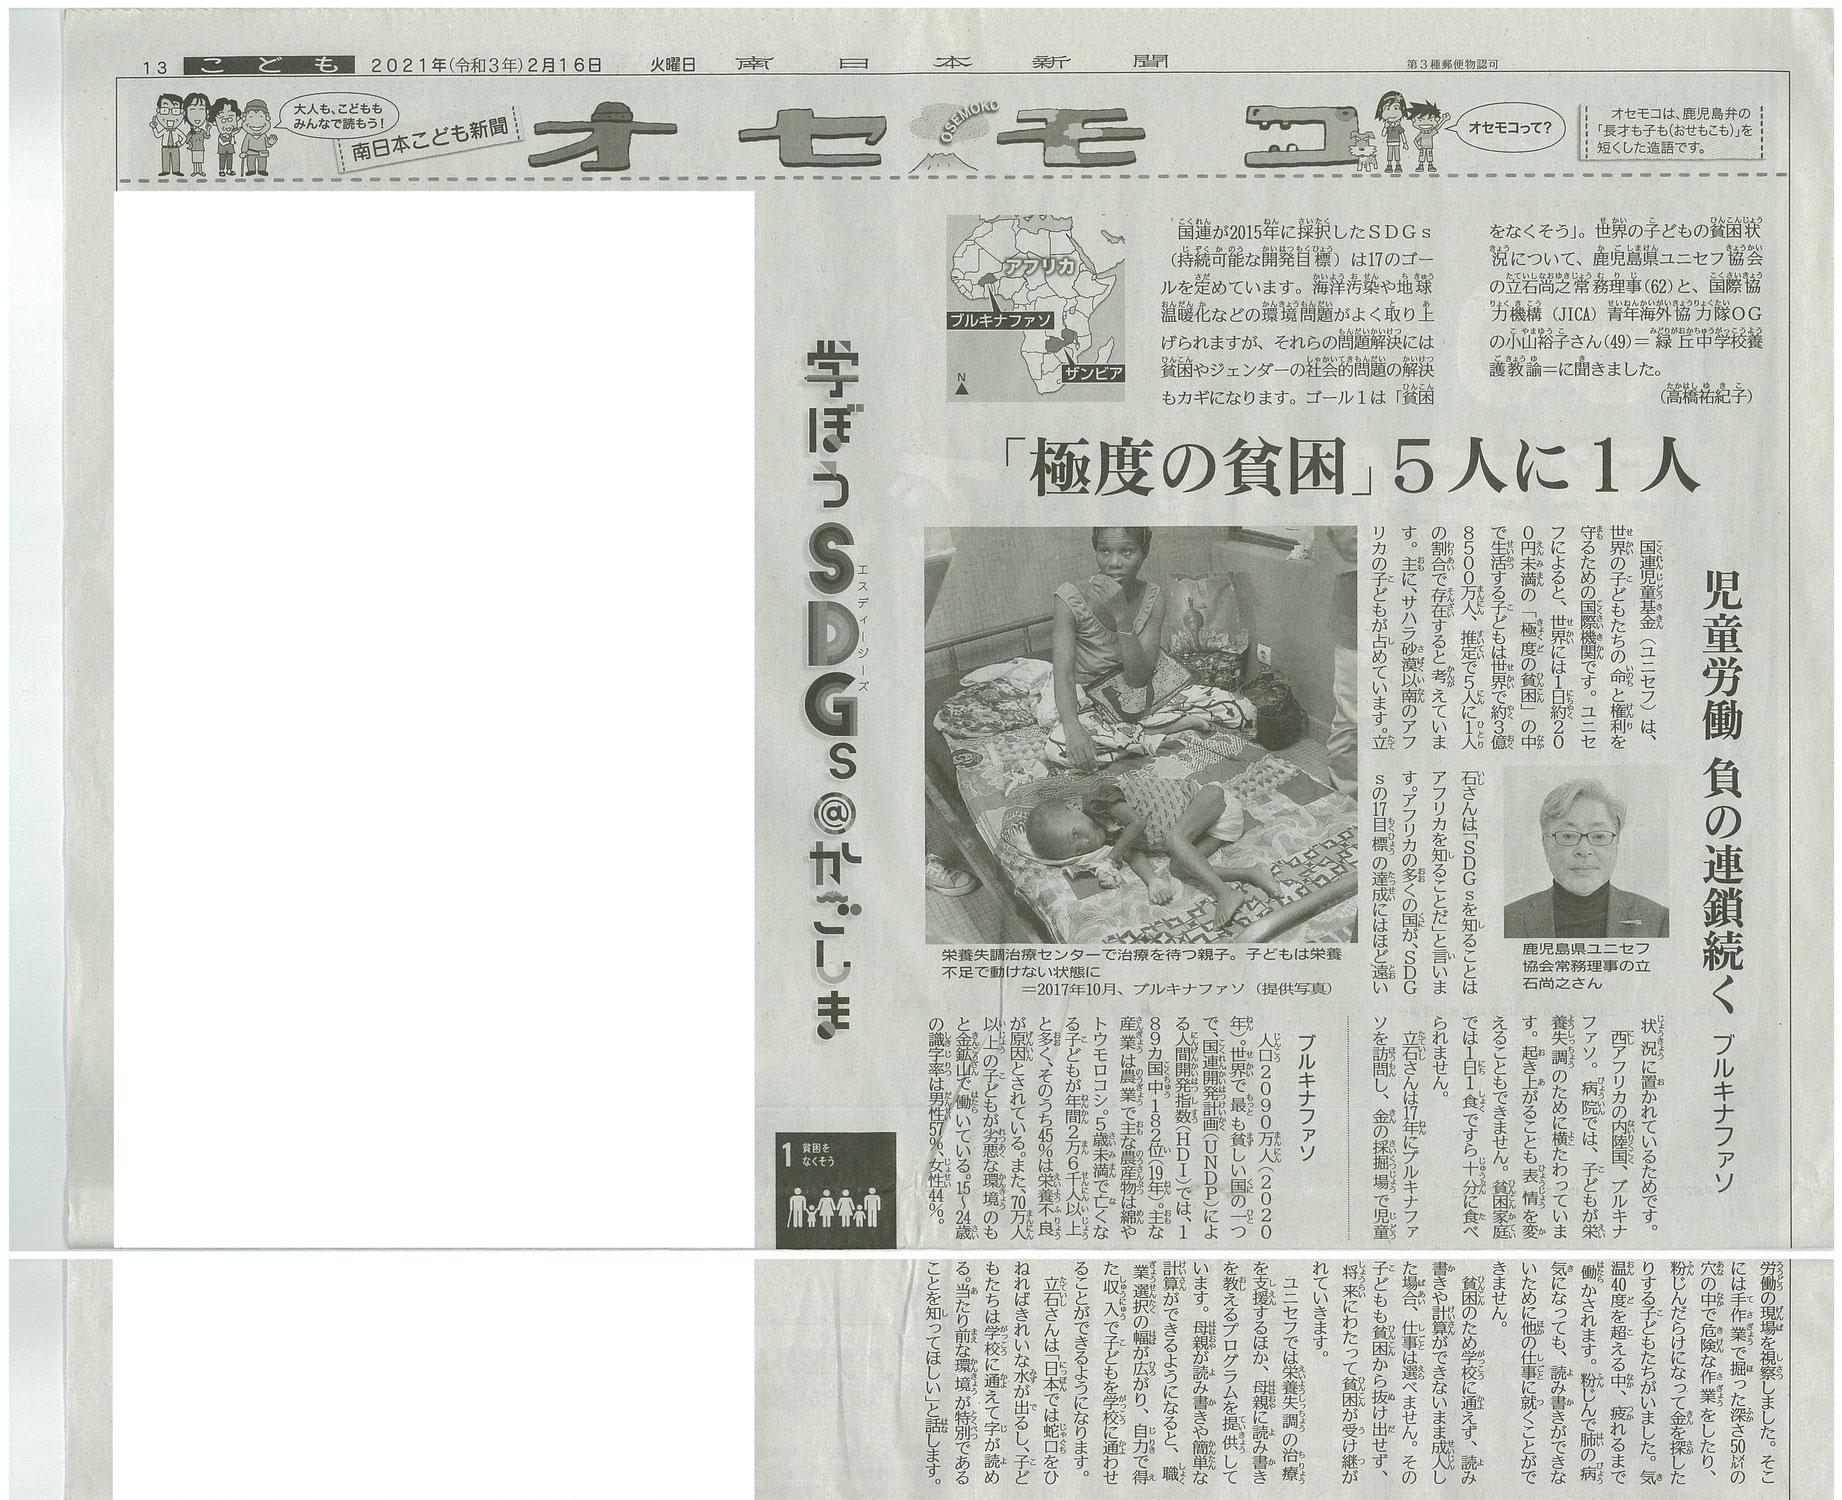 2月16日(火曜日) 南日本こども新聞に掲載されました!